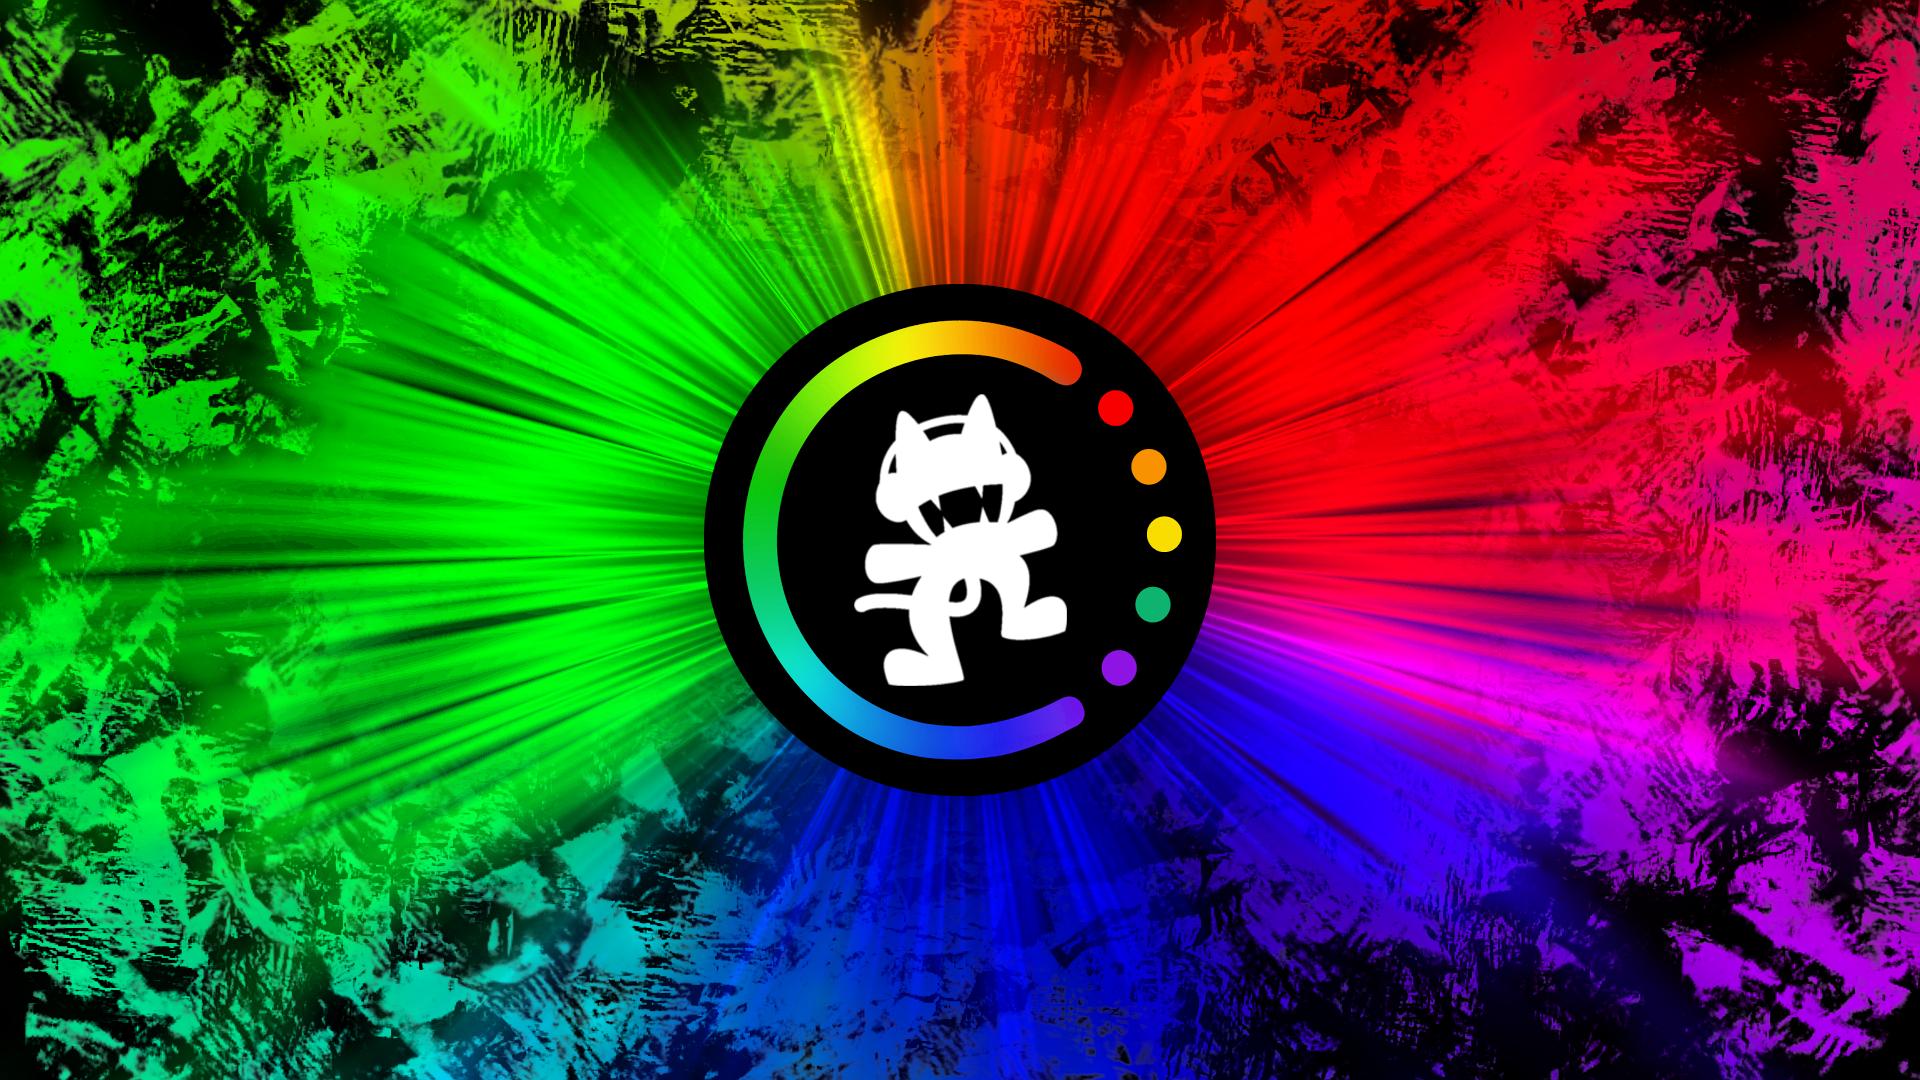 Monstercat Visualizer On Desktop - Rainmeter (Windows) - YouTube